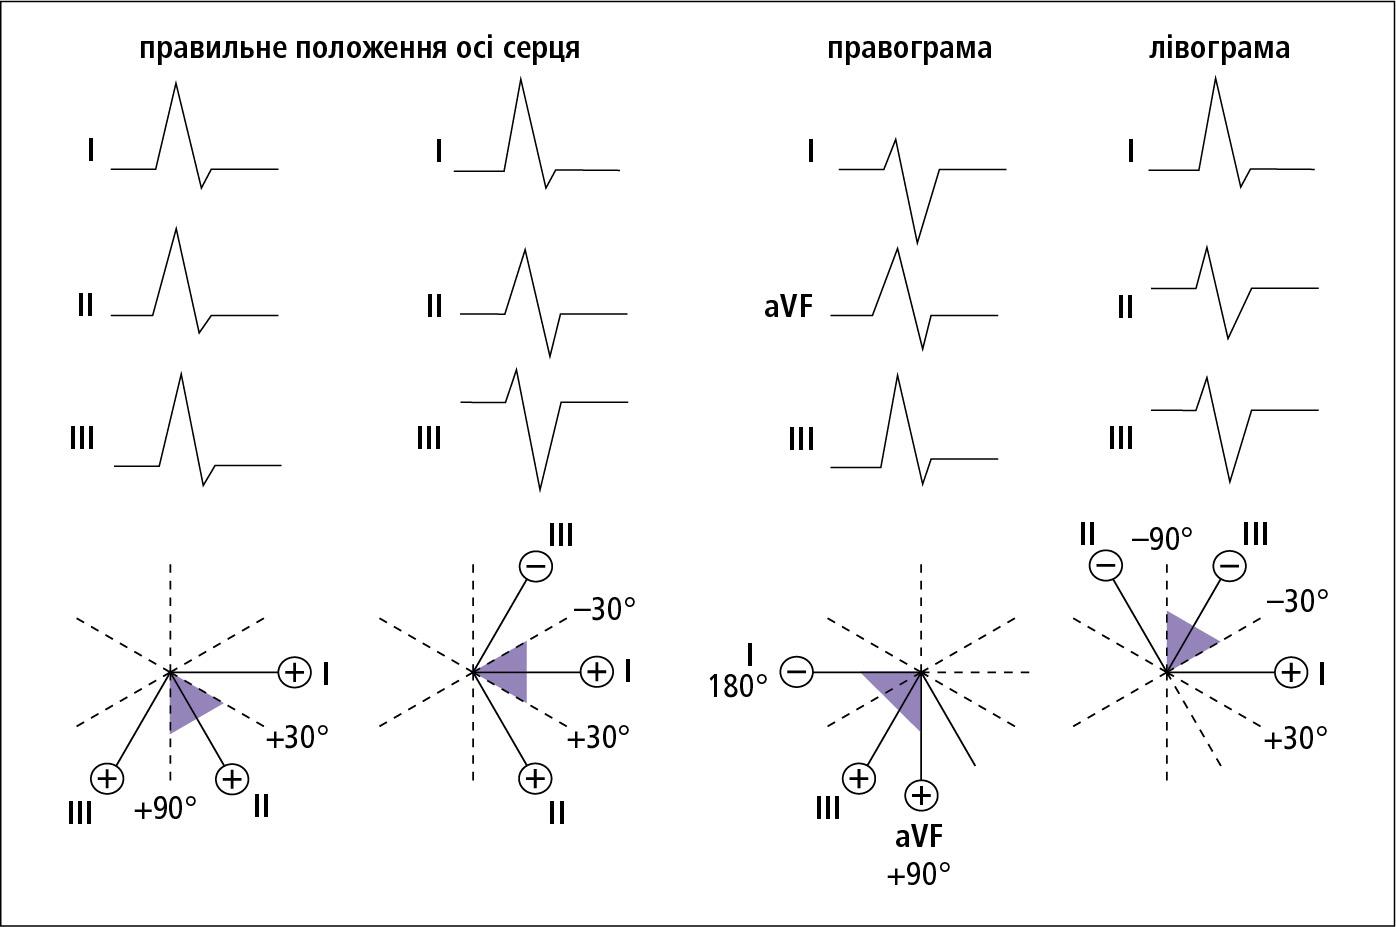 Оцінка положення електричної осі серця